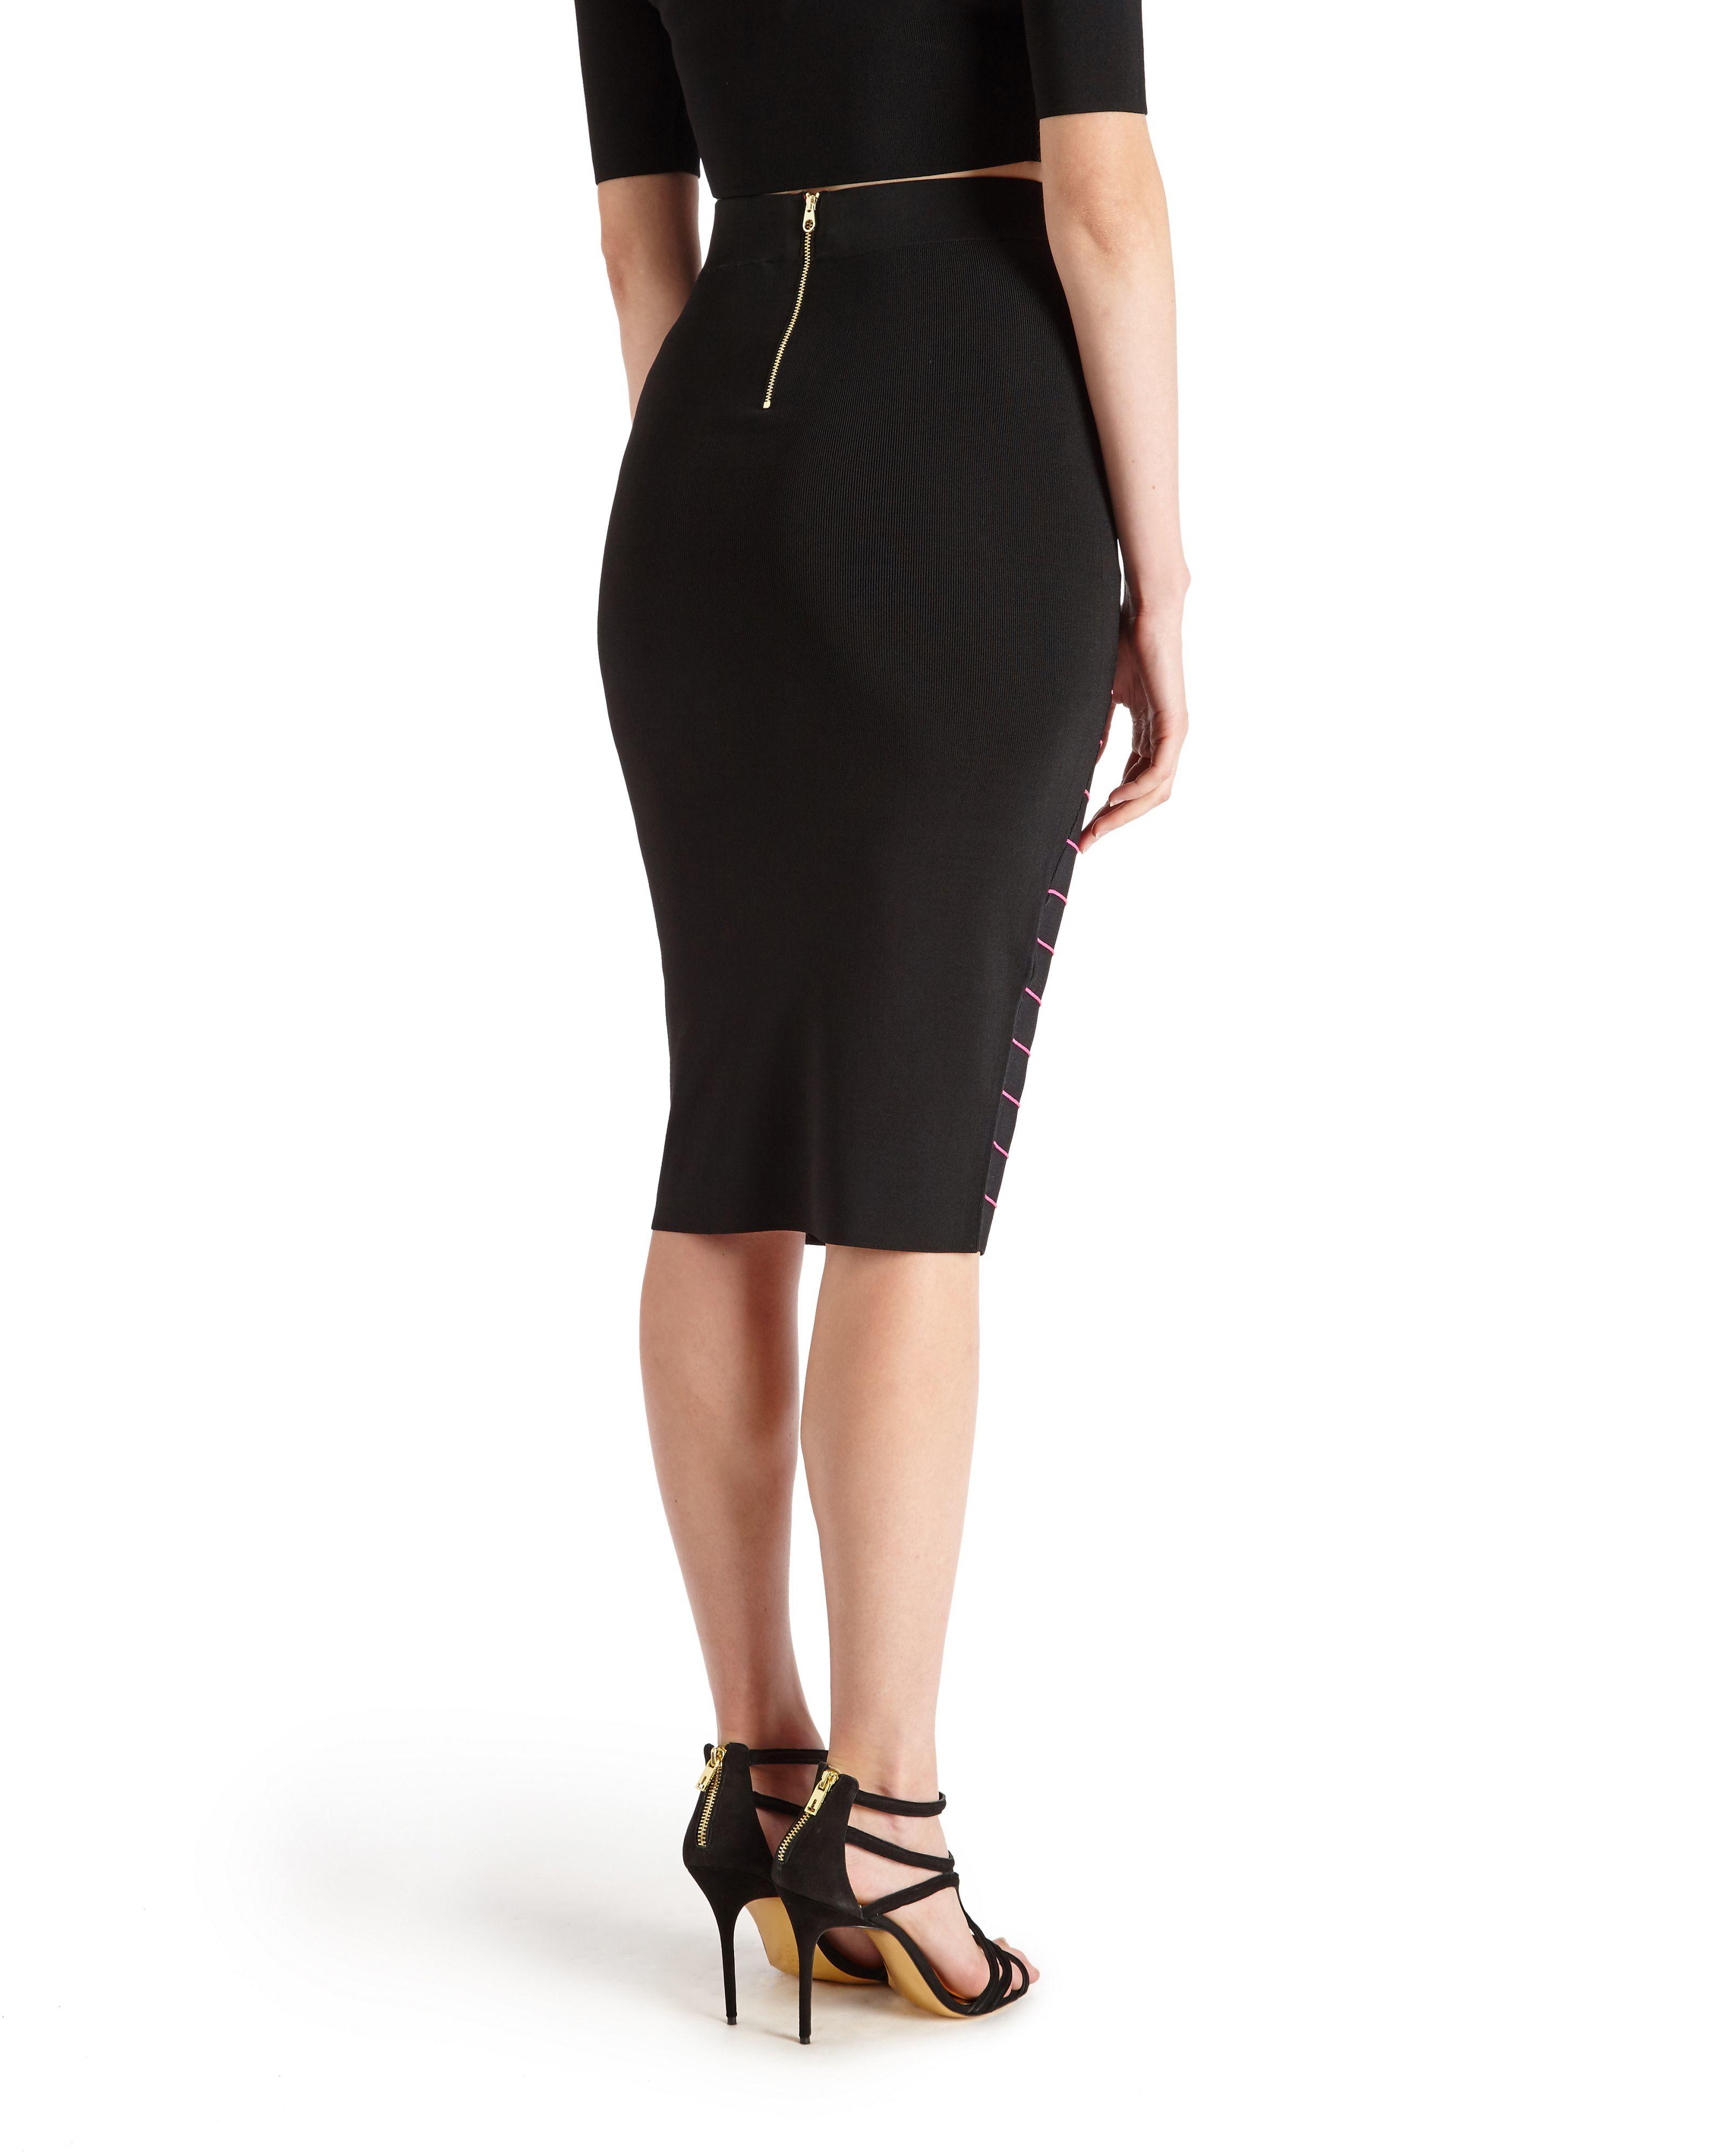 Ted baker Shelpa Stripe Knitted Midi Skirt in Black   Lyst